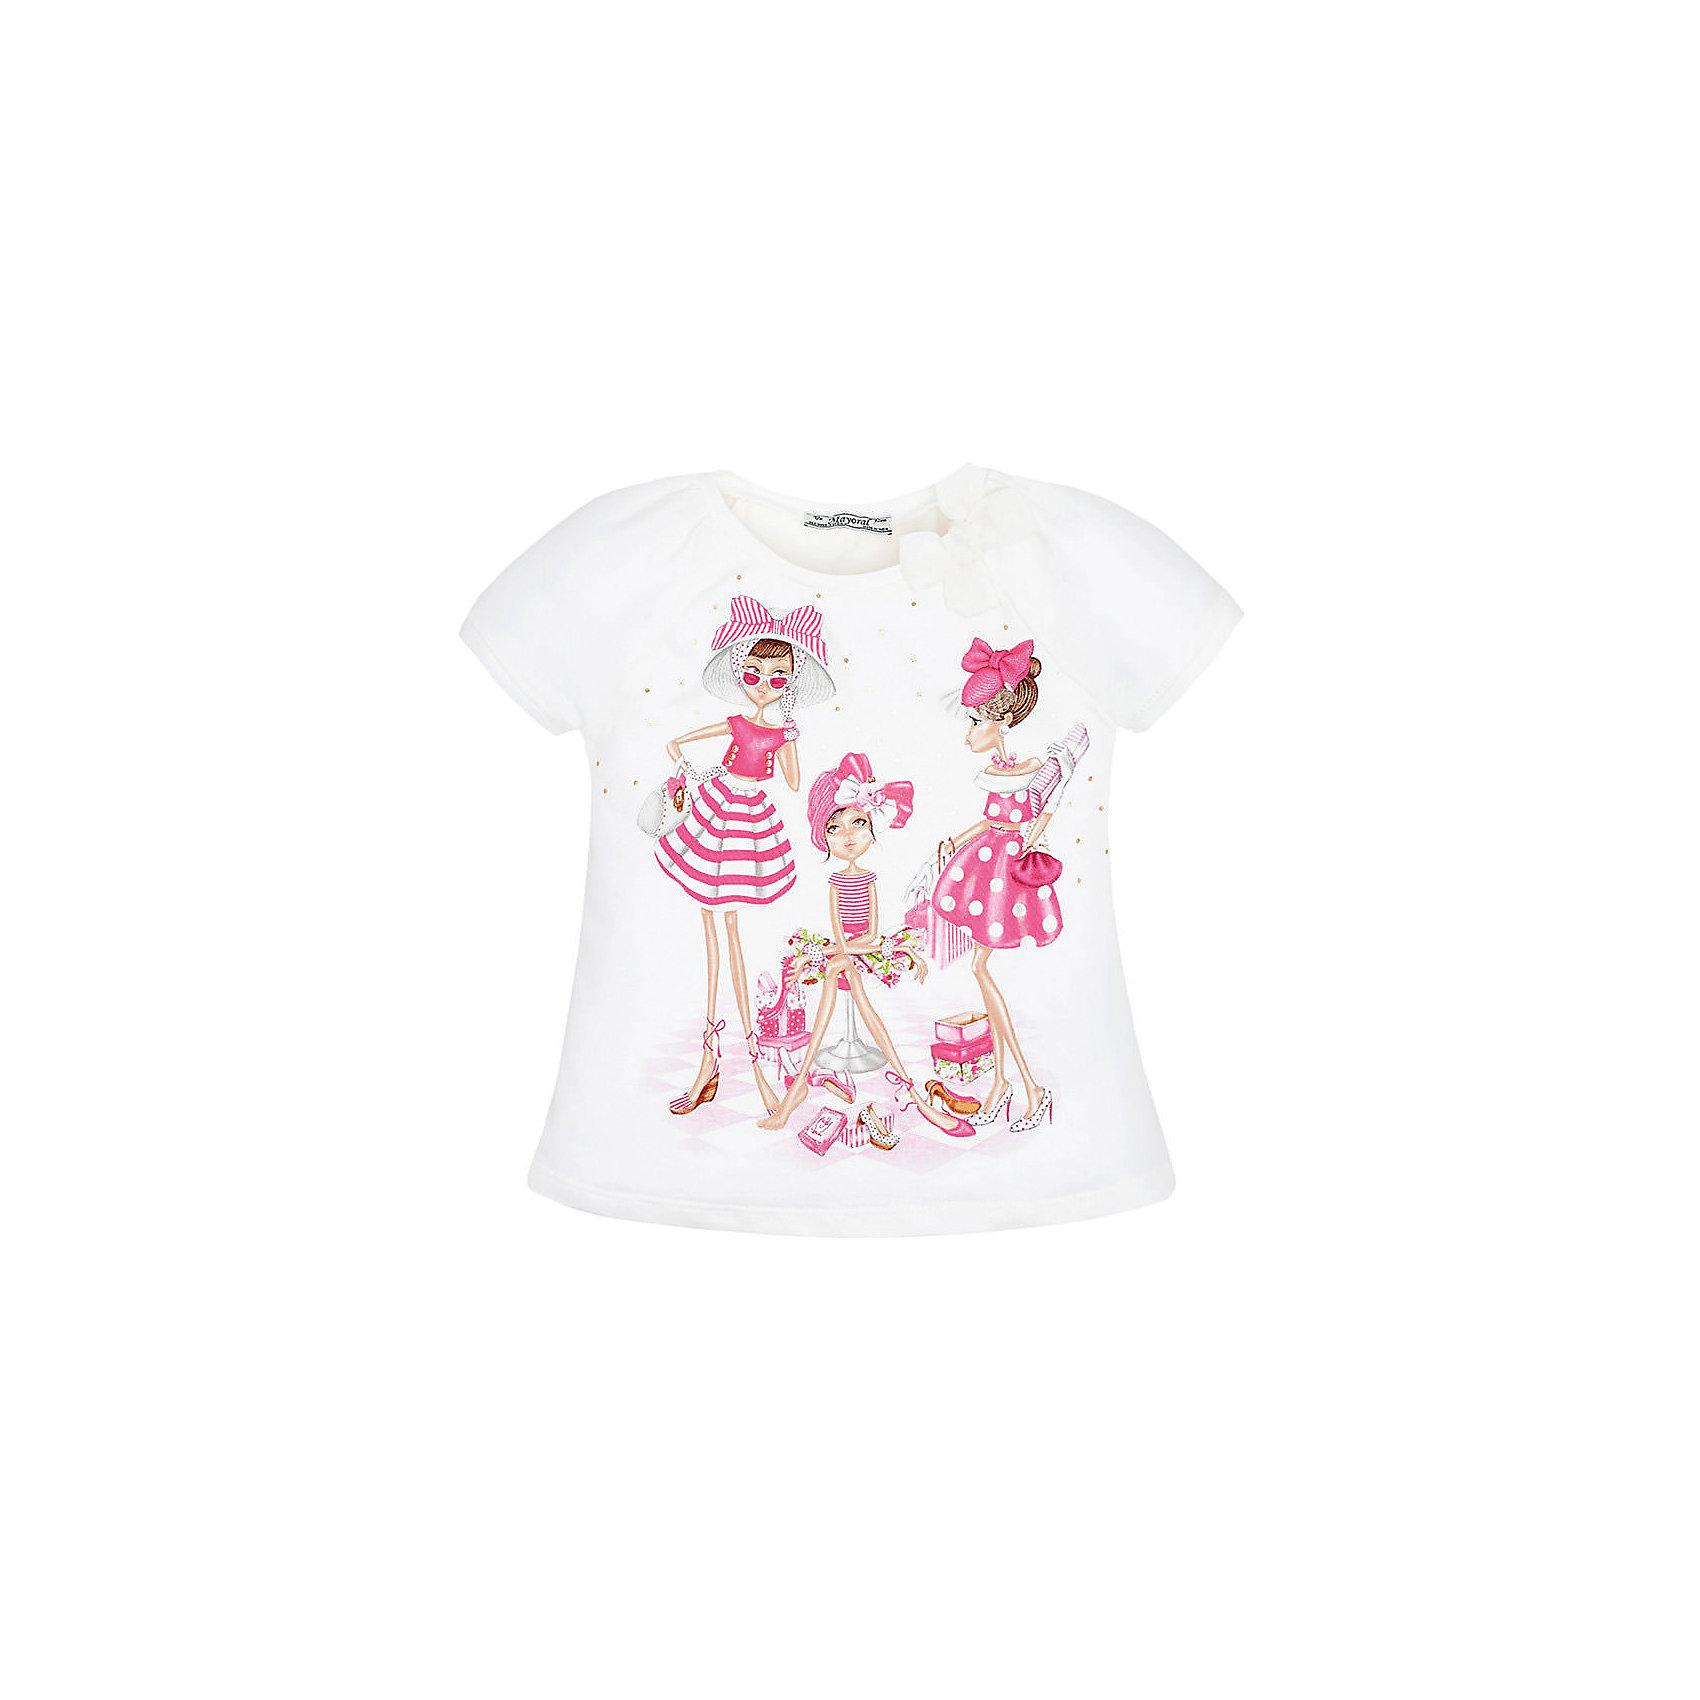 Футболка для девочки MayoralФутболки, поло и топы<br>Футболка для девочки от известной испанской марки Mayoral <br><br>Очень красивая  футболка от Mayoral - отличный вариант летней одежды для девочек! Выглядит нарядно и оригинально. Модель выполнена из качественных материалов, отлично садится по фигуре.<br><br>Особенности модели:<br><br>- цвет: белый;<br>- рукава короткие, реглан, со сборками;<br>- украшена принтом и стразами;<br>- эластичный материал.<br><br>Дополнительная информация:<br><br>Состав: 92% хлопок, 8% эластан<br><br>Футболку для девочки Mayoral (Майорал) можно купить в нашем магазине.<br><br>Ширина мм: 199<br>Глубина мм: 10<br>Высота мм: 161<br>Вес г: 151<br>Цвет: розовый<br>Возраст от месяцев: 36<br>Возраст до месяцев: 48<br>Пол: Женский<br>Возраст: Детский<br>Размер: 134,128,122,110,104,98,116,92<br>SKU: 4541519